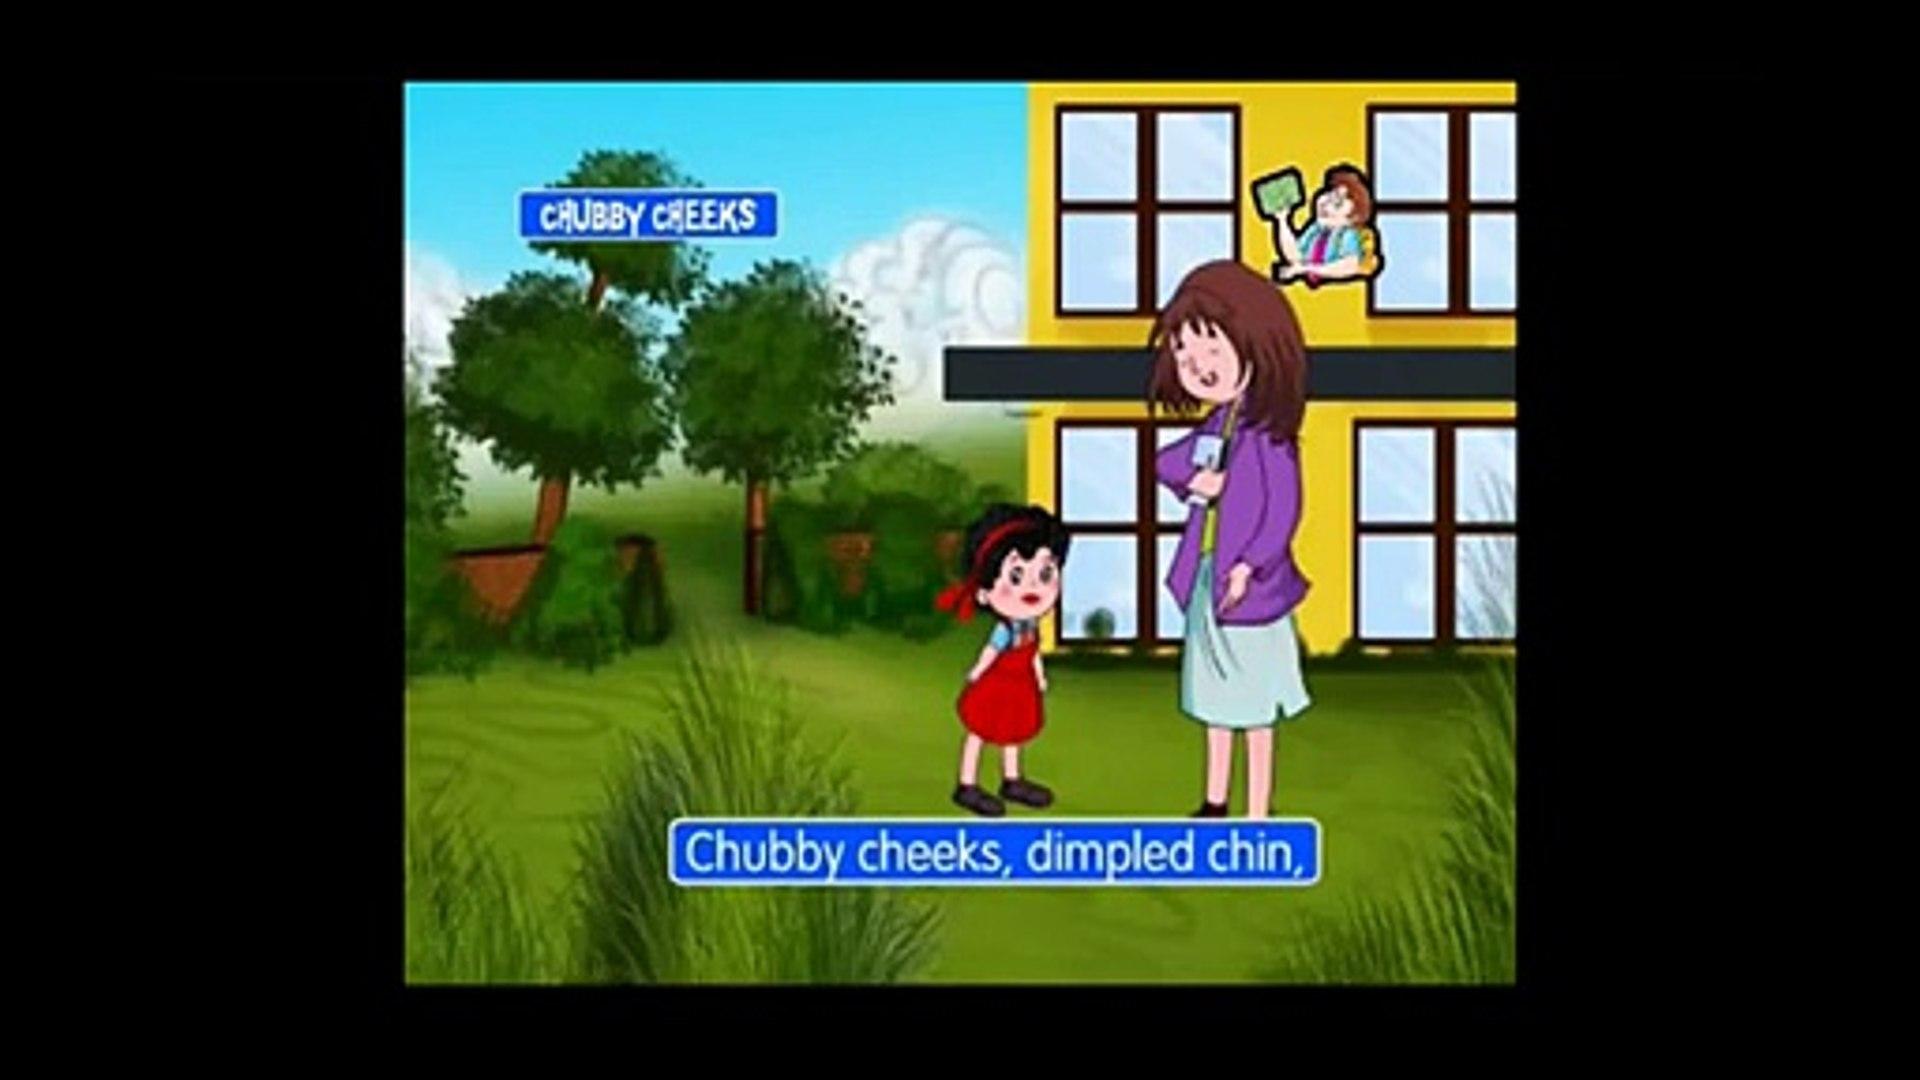 [Animated movies] [Film] [Kids movies] [Animation] [Kids Movies][Cartoon]